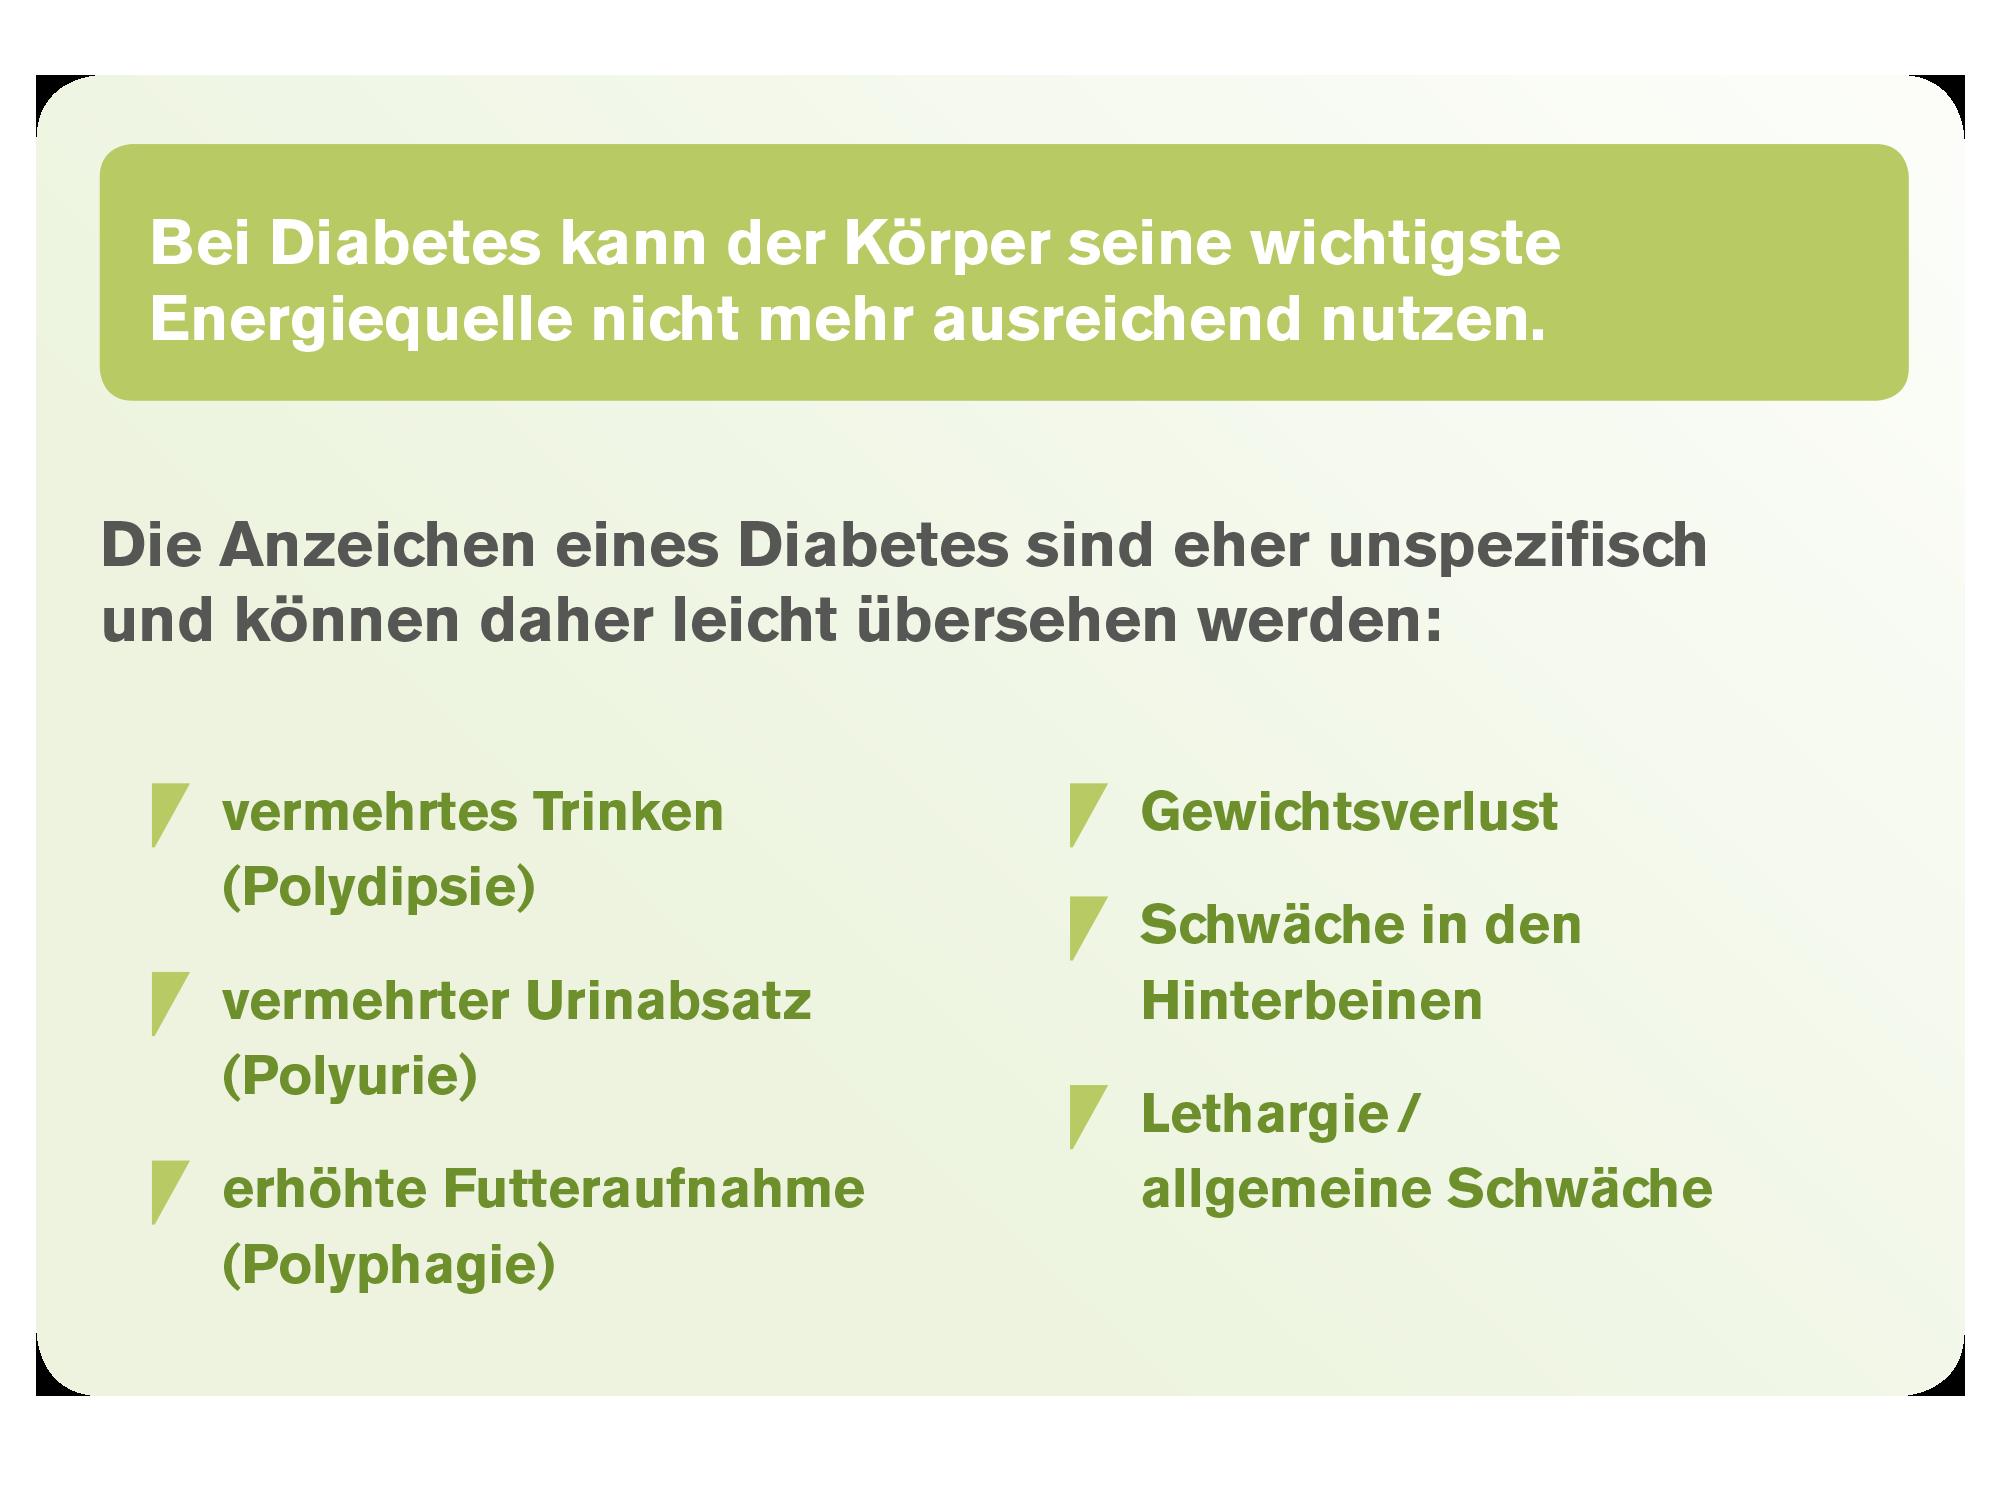 anzeichen diabetes und rauchenfelser